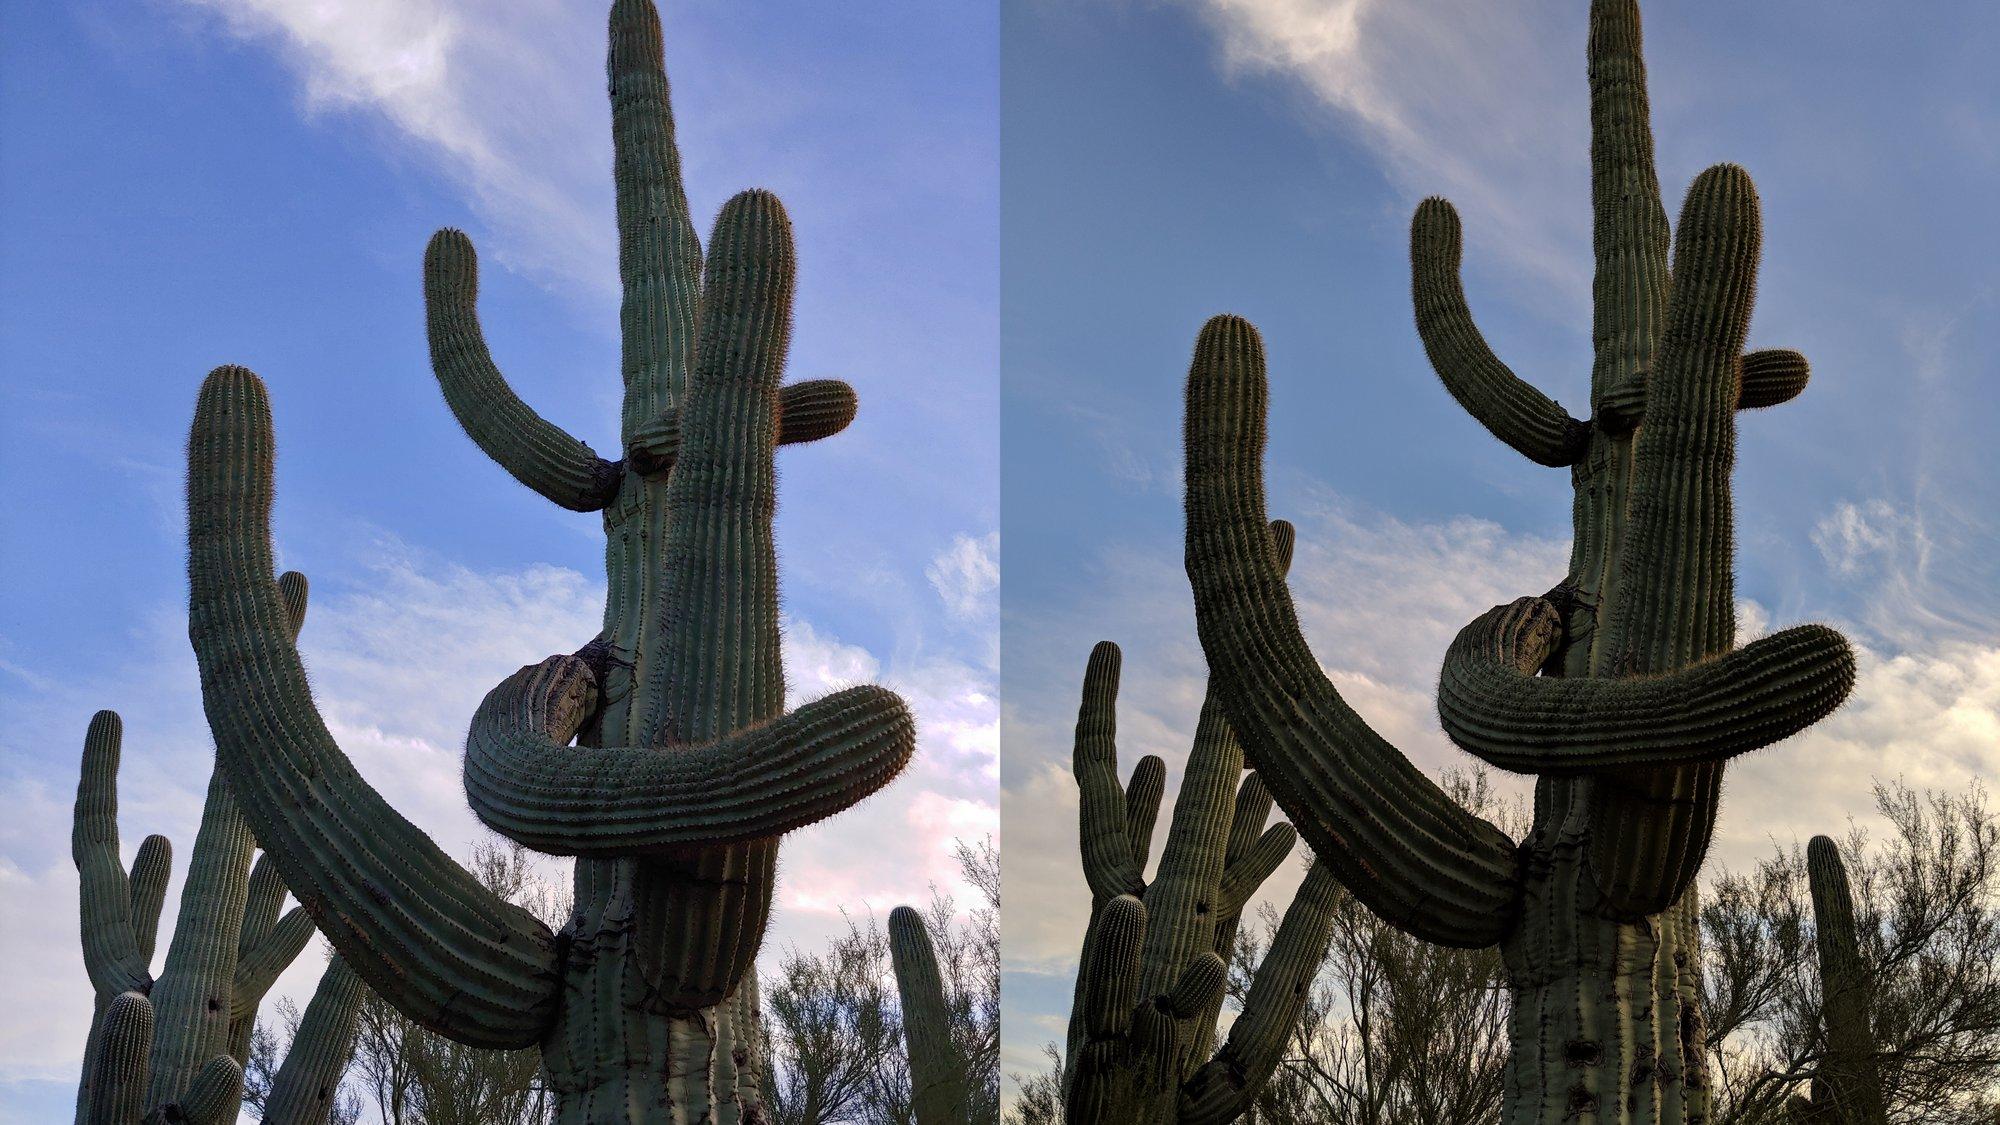 Pixel 3 versus LG G7: camera comparison